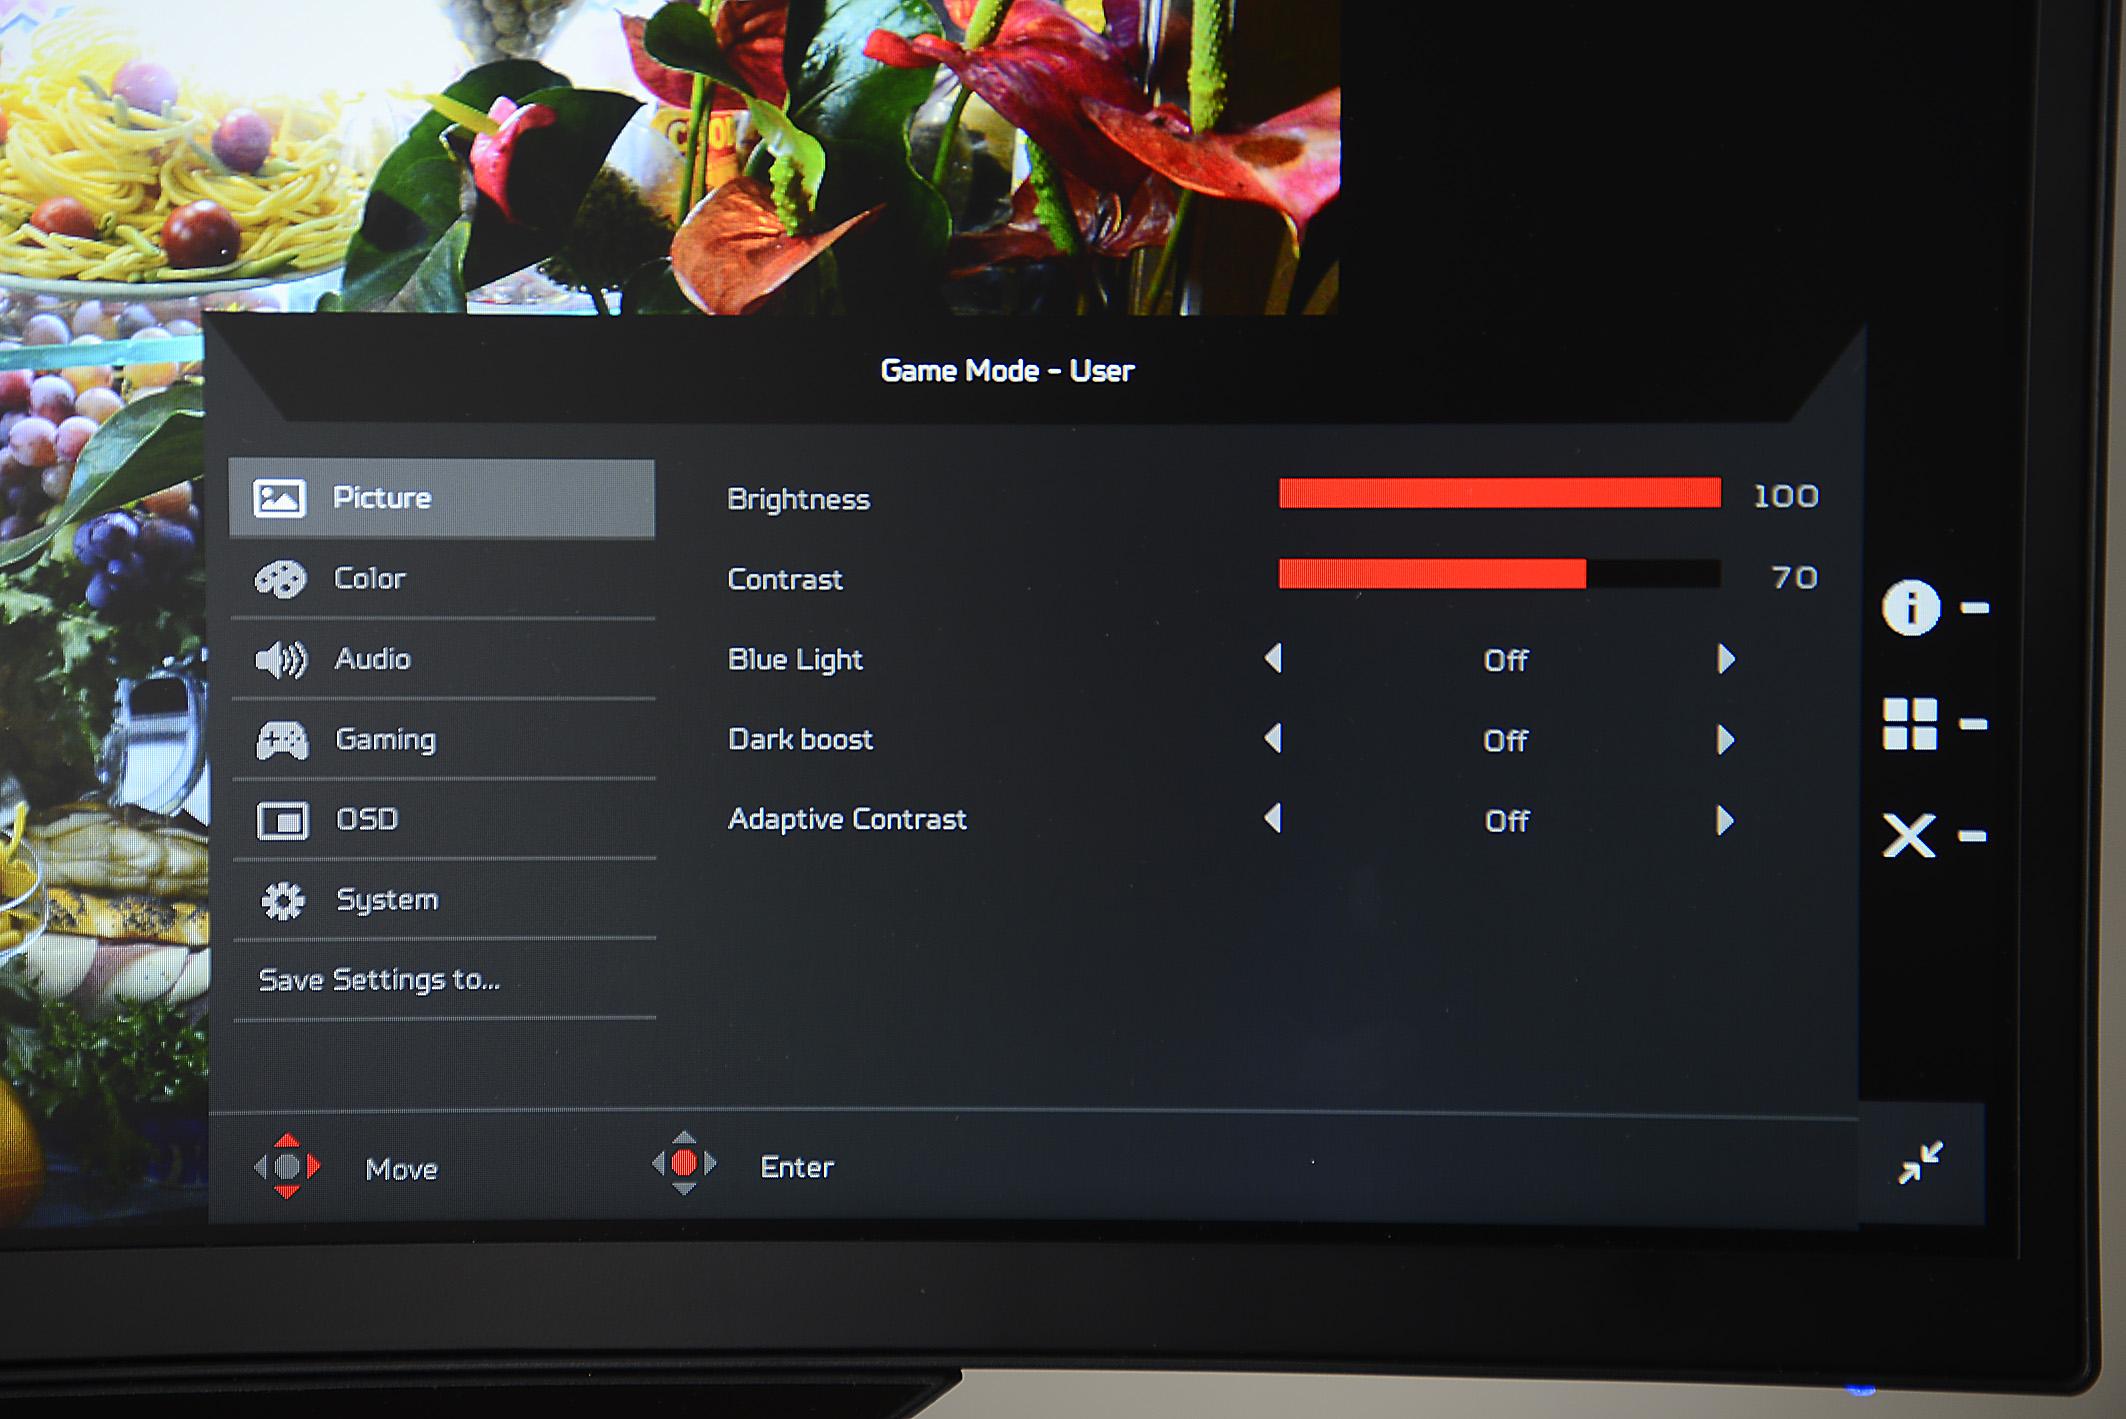 Ab Werk ist die Maximalhelligkeit leicht reduziert, so dass die von Acer beworbene Leuchtdichte von 300 cd/m² nicht ganz erreicht wird. Indem der Helligkeits-Regler auf 100 gestellt wird, erhöht sich das LED-Backlight, und der beworbene Helligkeitswert wird sogar übertroffen. Einfluss auf den Kontrast hat diese Einstellung allerdings nicht, weil der Helligkeits-Regler nicht (wie allgemein üblich) dunkle Bildinhalte regelt, sondern ausschließlich die Hintergrundbeleuchtung verändert.